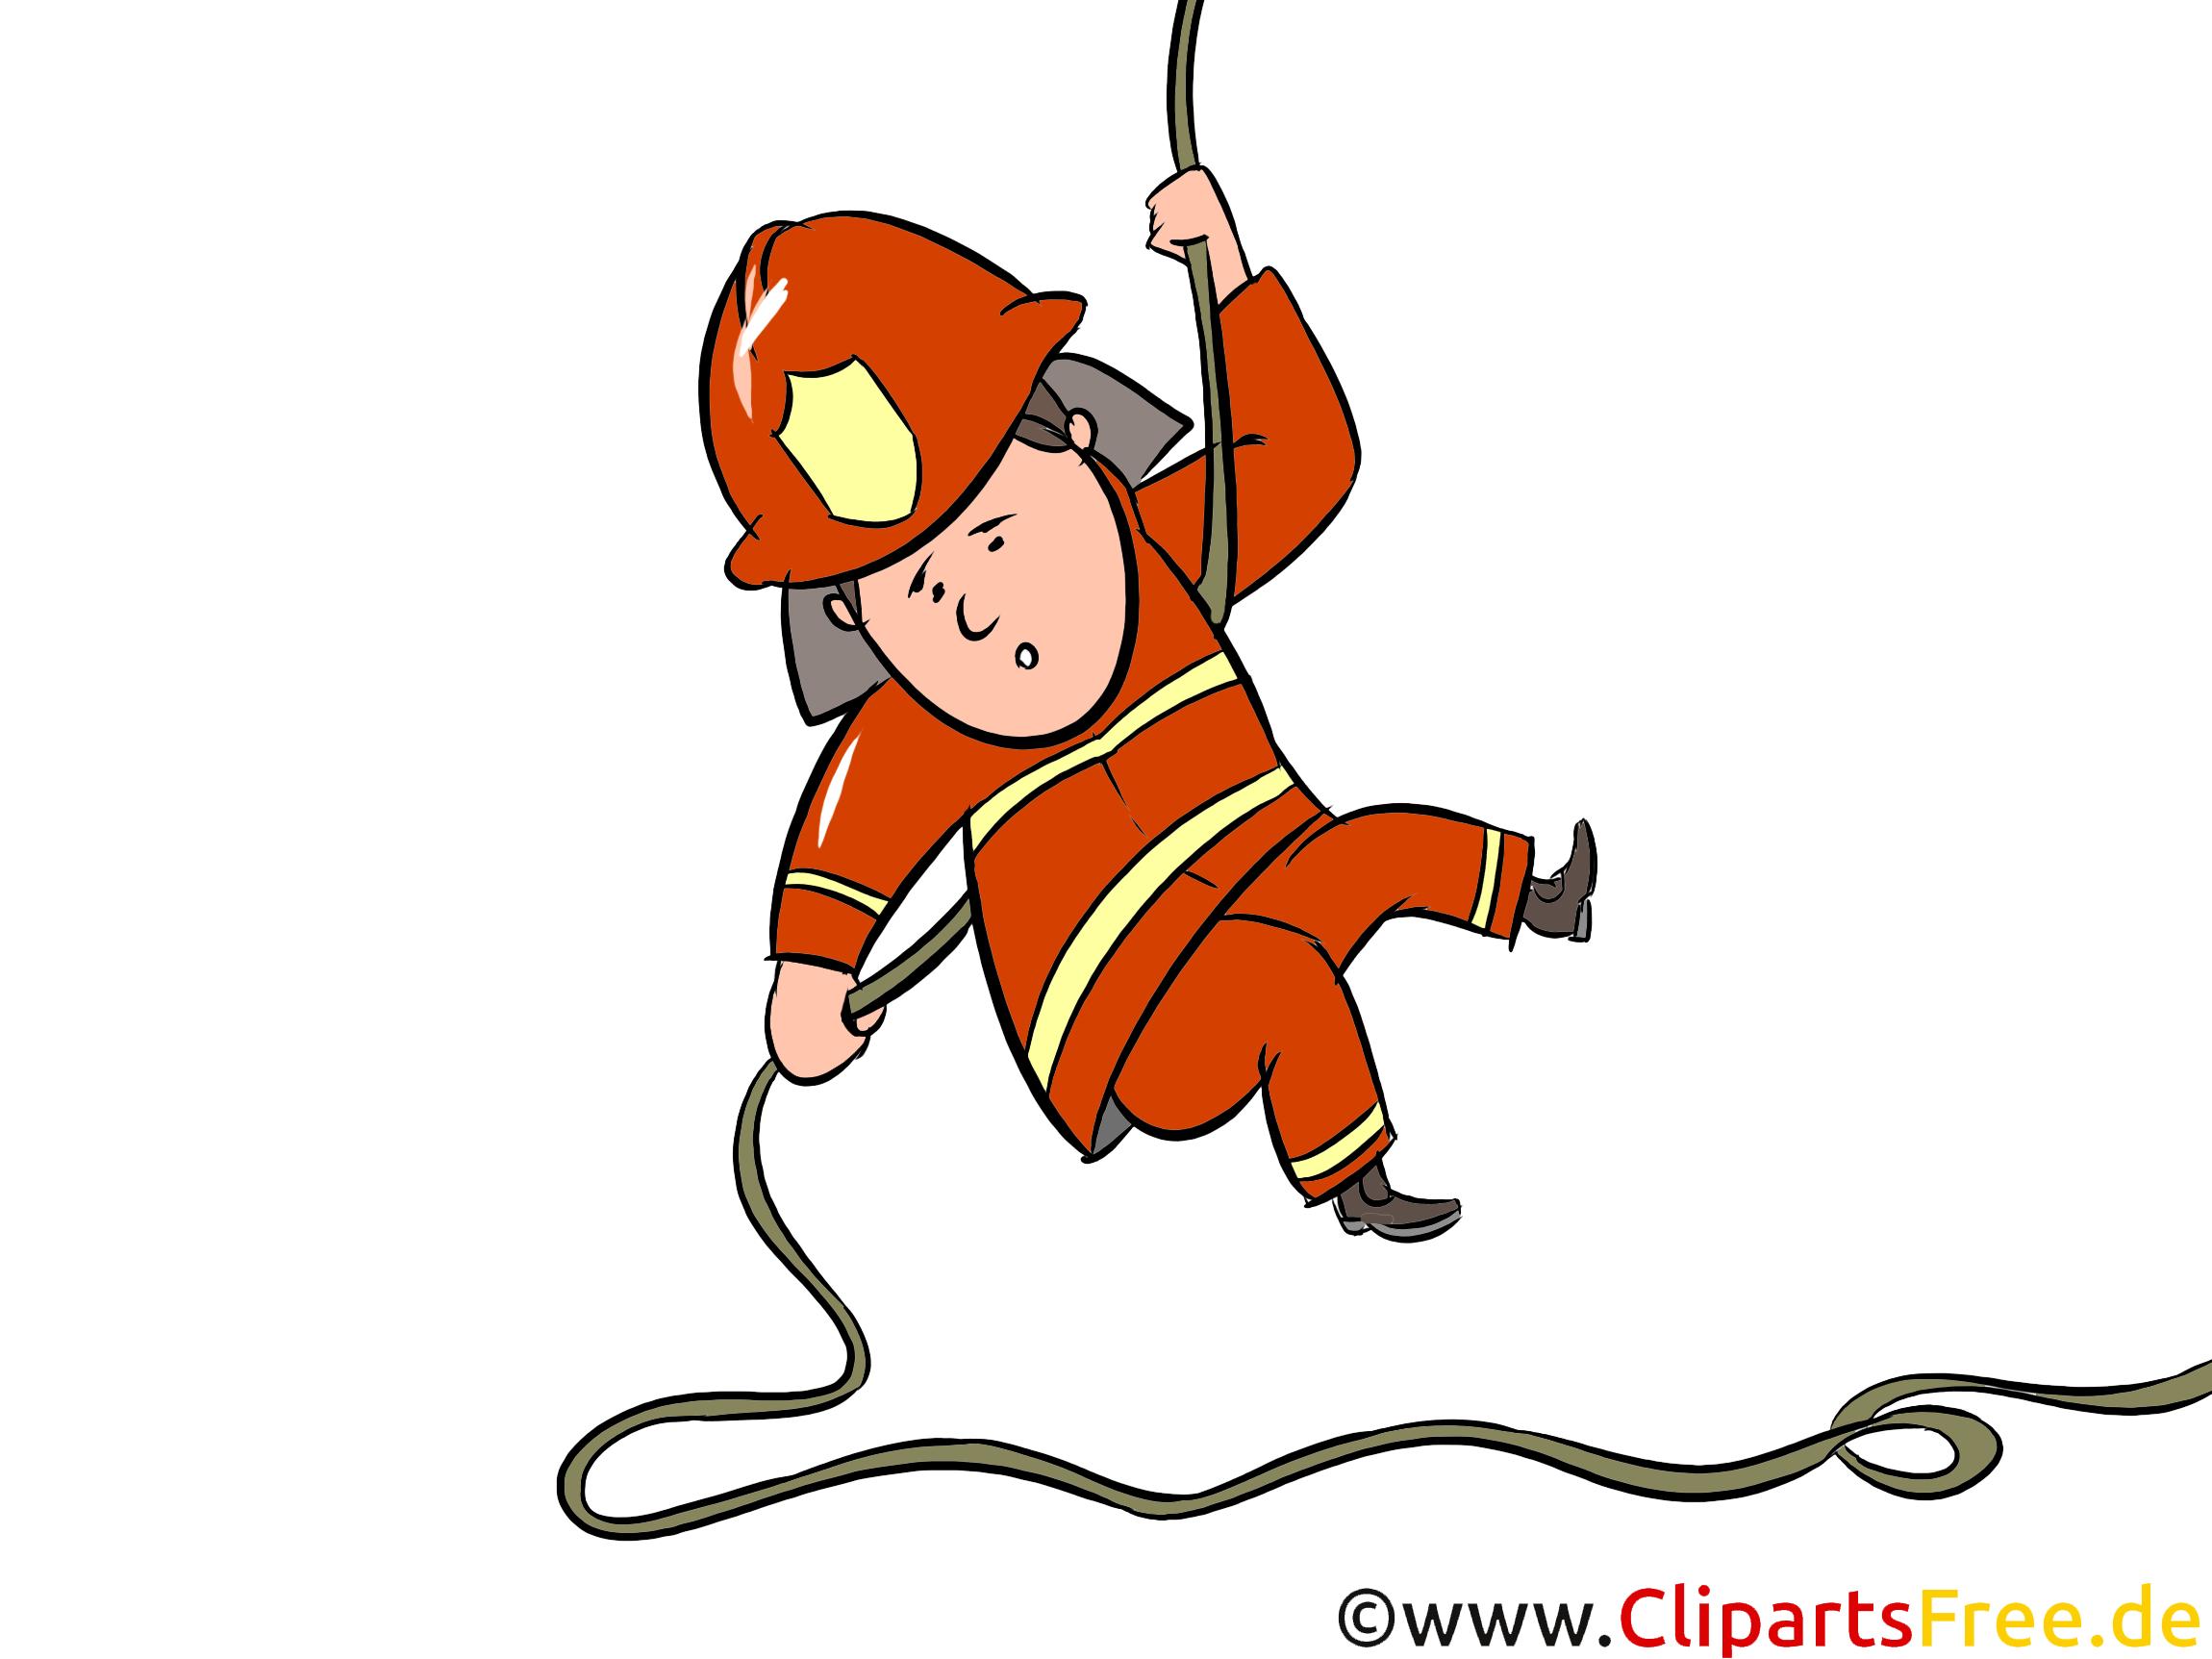 消防士トレーニングイラスト、クリップアート、画像